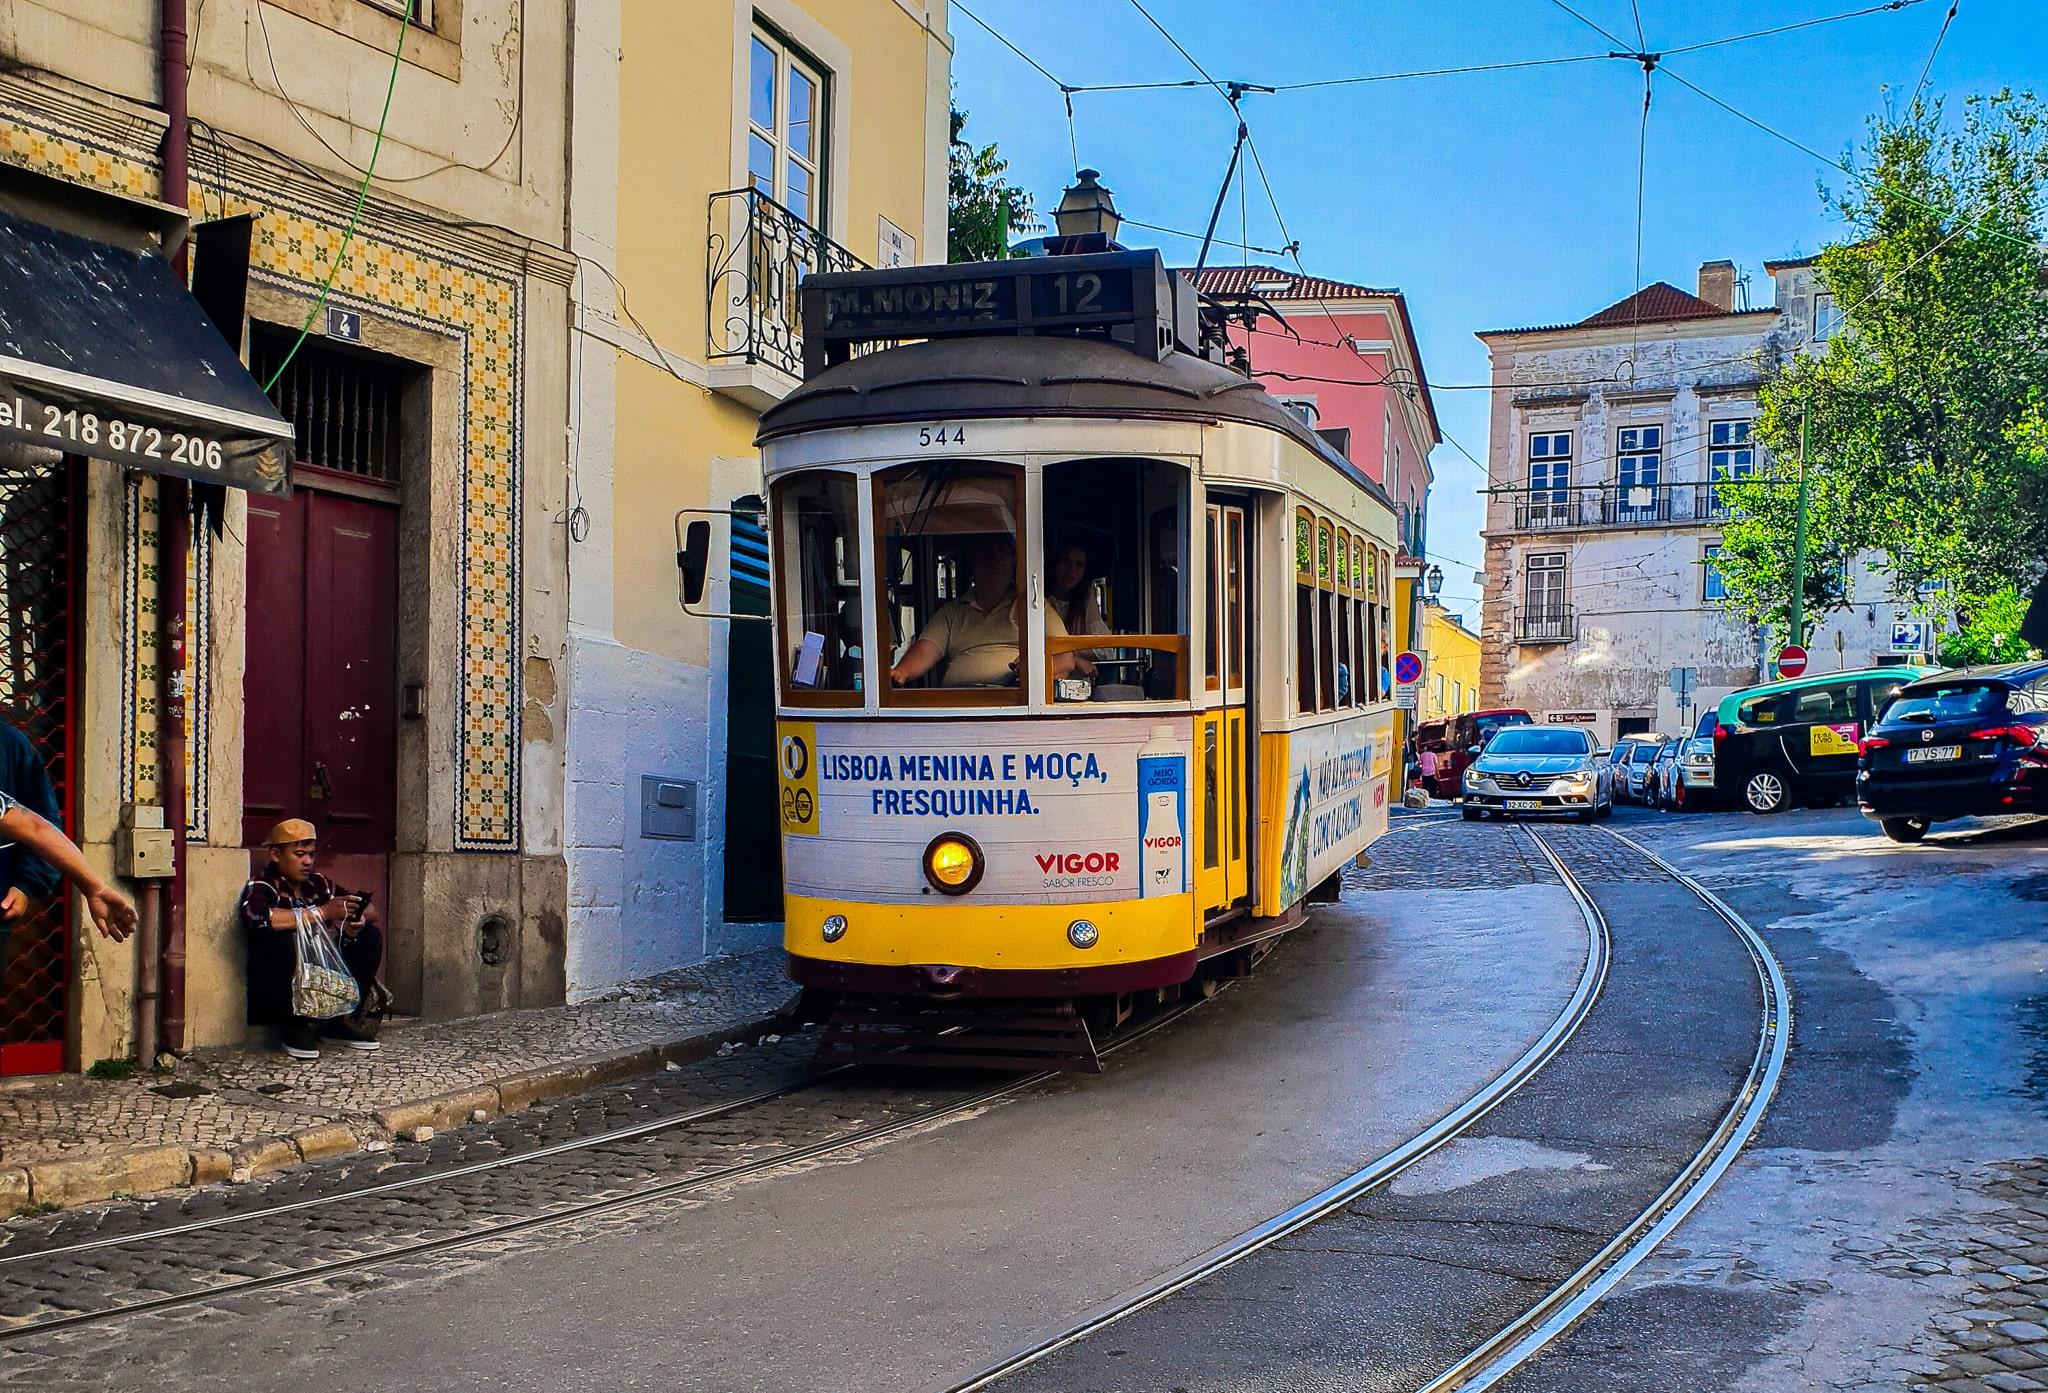 Die bekannte Straßenbahn in Lissabon